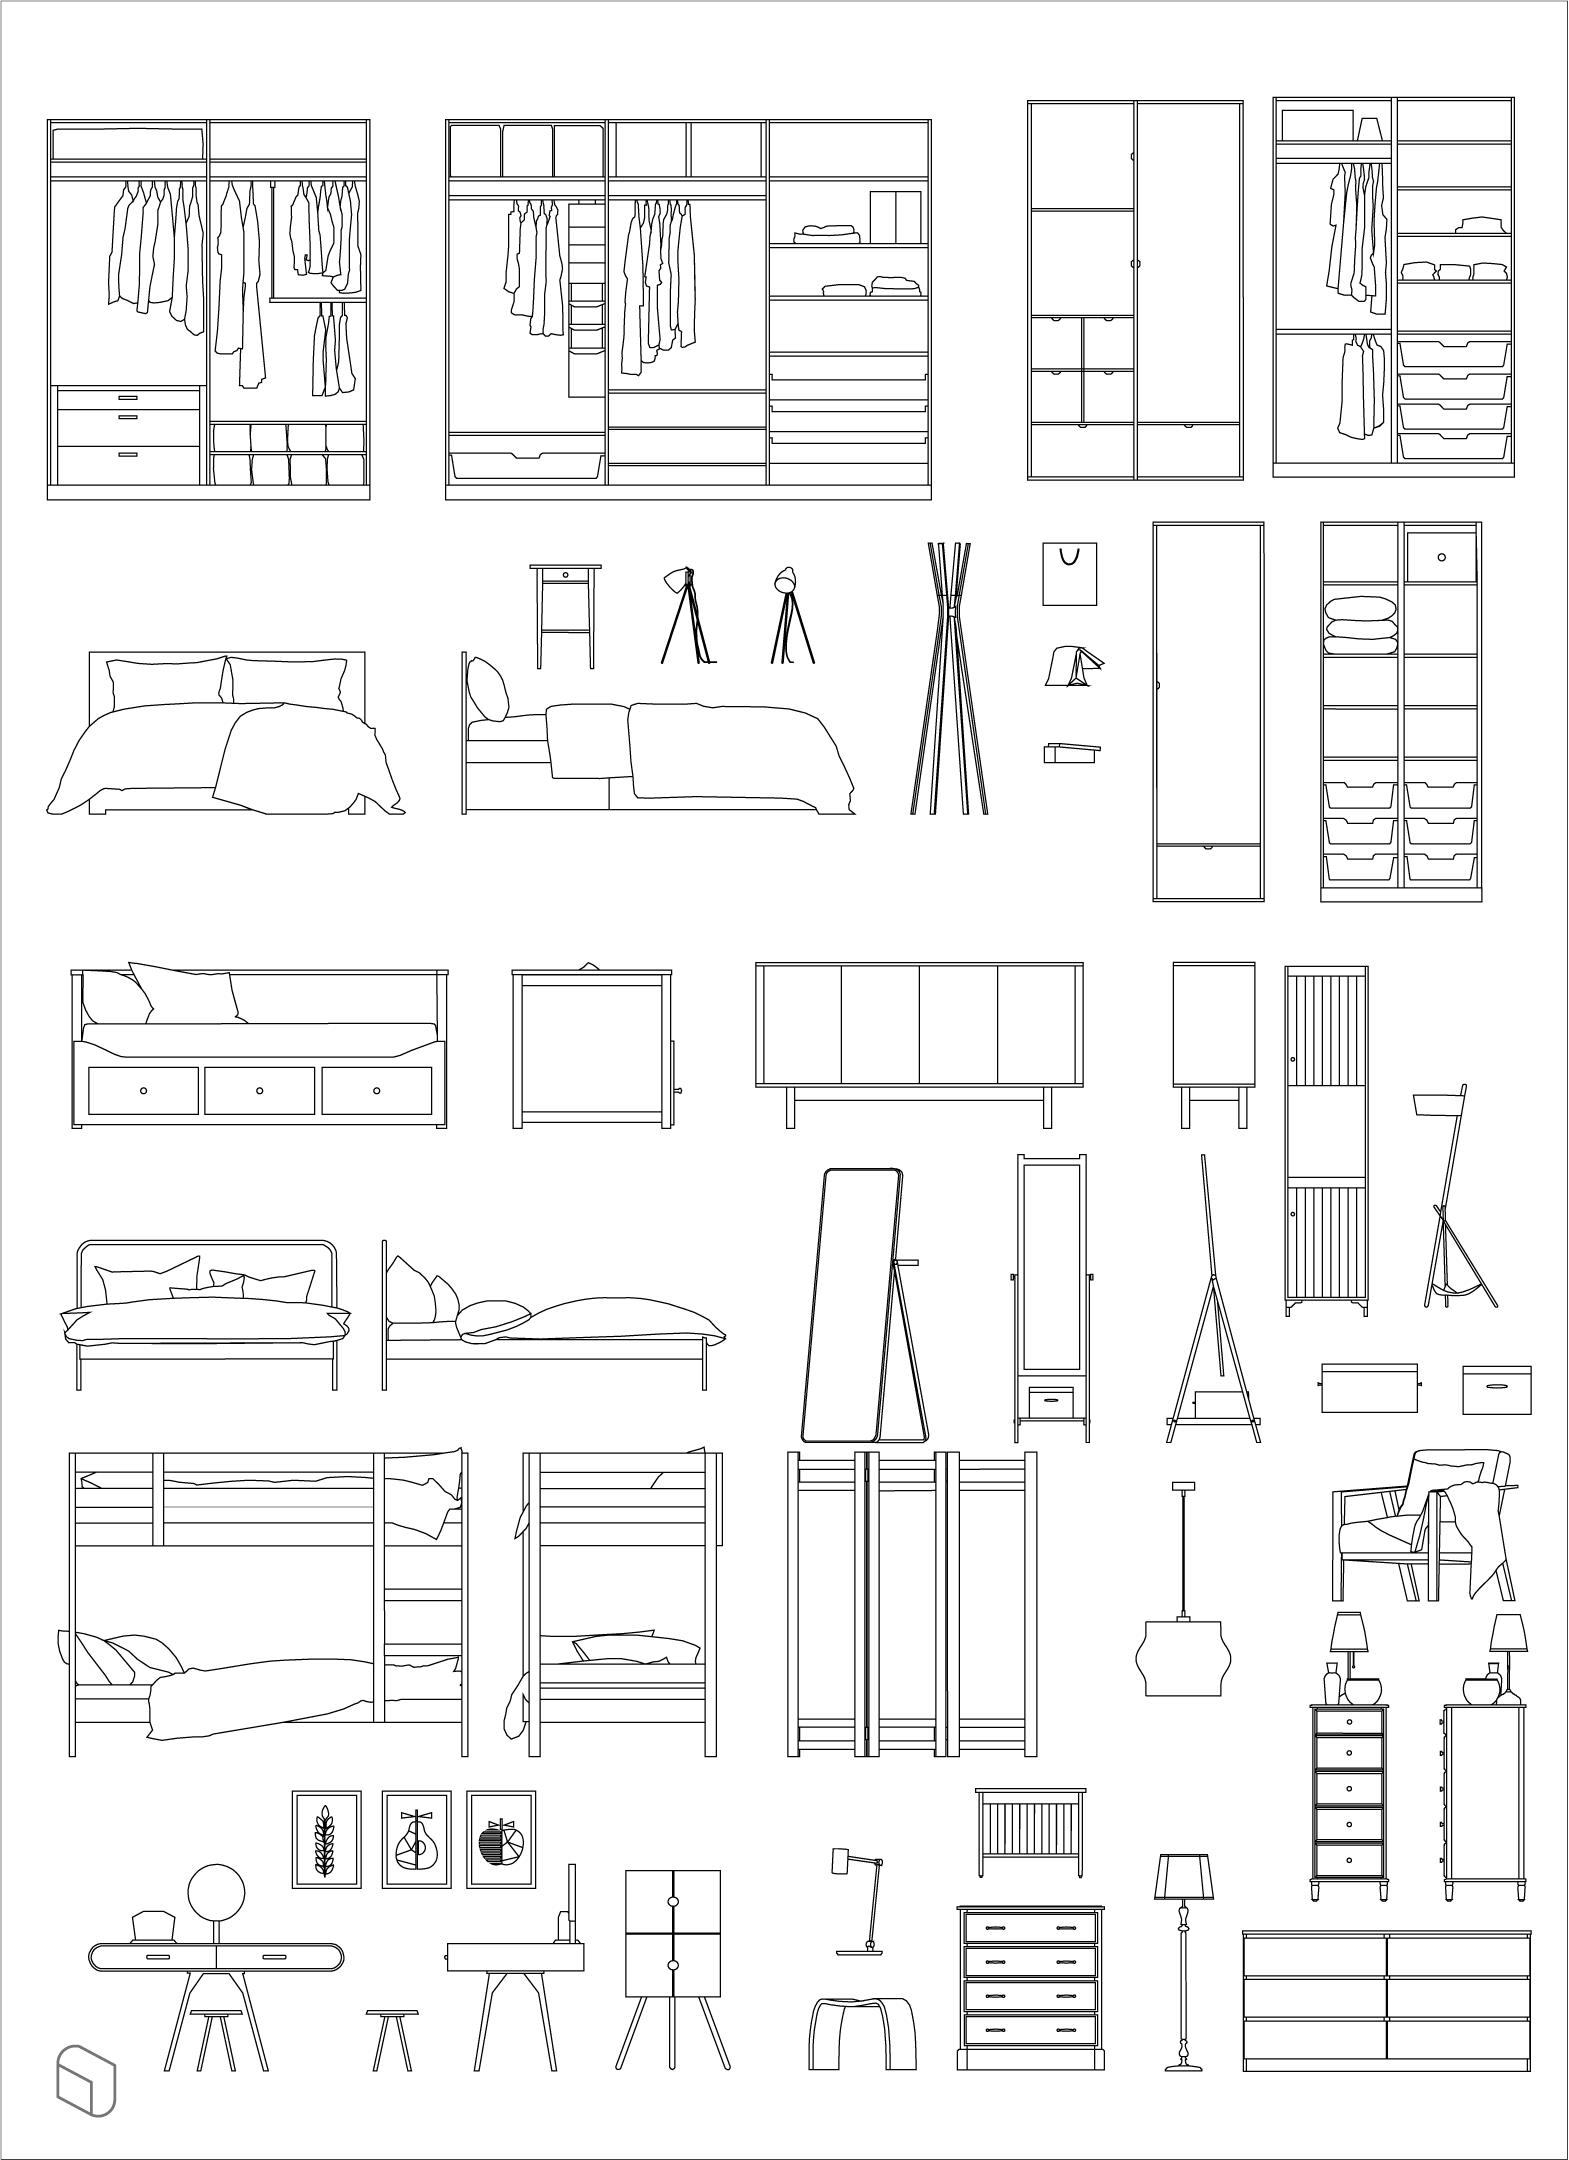 Cad Dwg Zeitgenössische Möbel für Architektur & Innenarchitektur | Dwg Ai Pdf ... #interiordesigntips